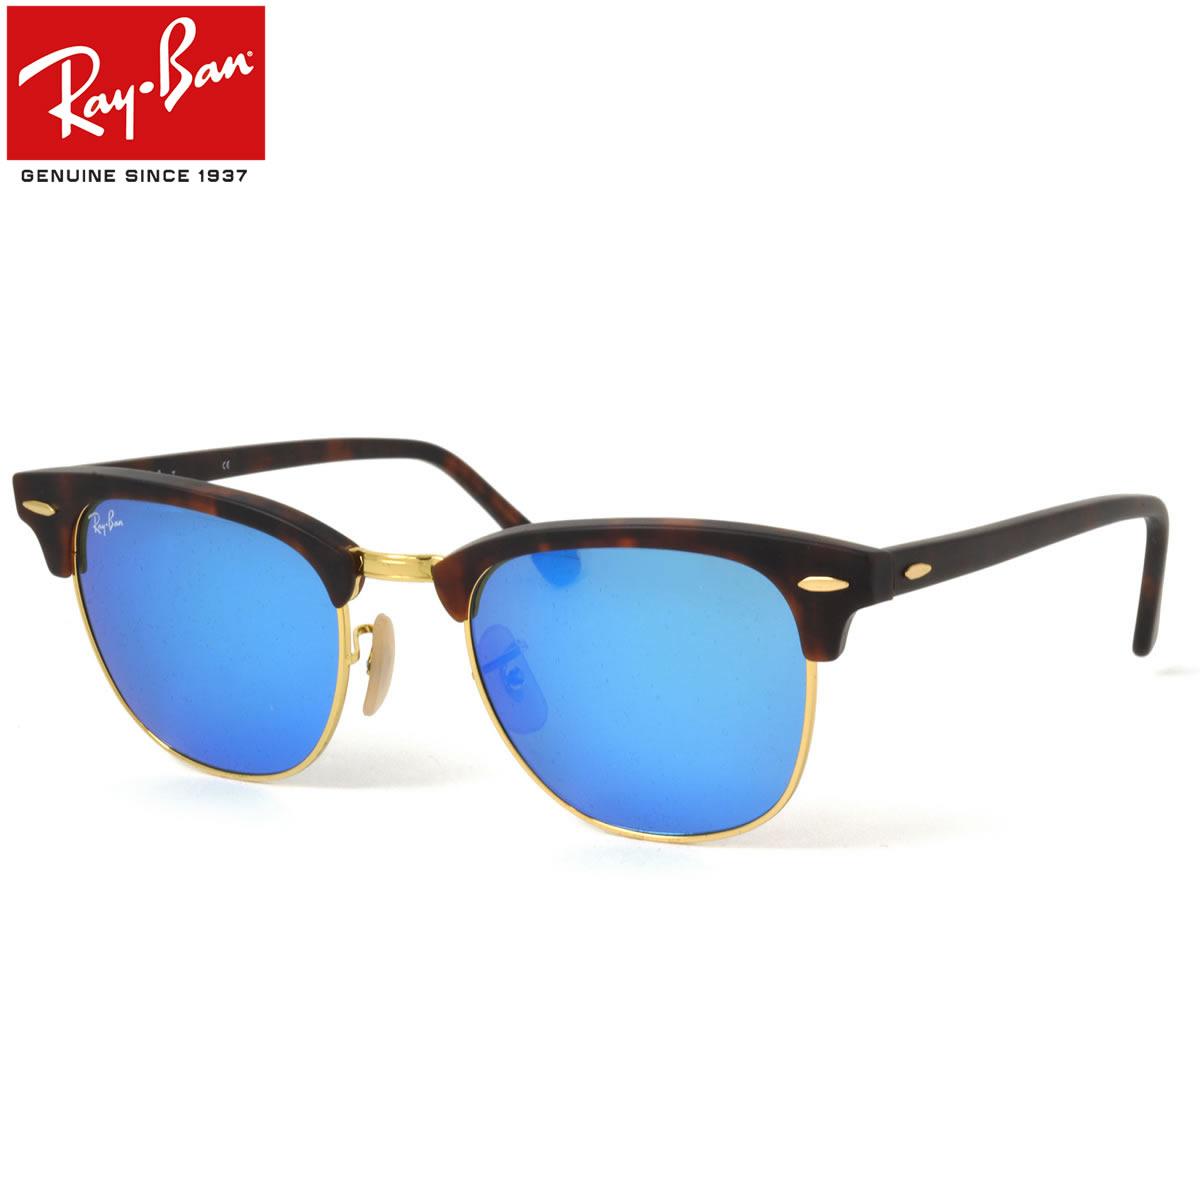 【Ray-Ban】(レイバン) クラブマスター サングラス RB3016 114517 5…...:thats:10025162